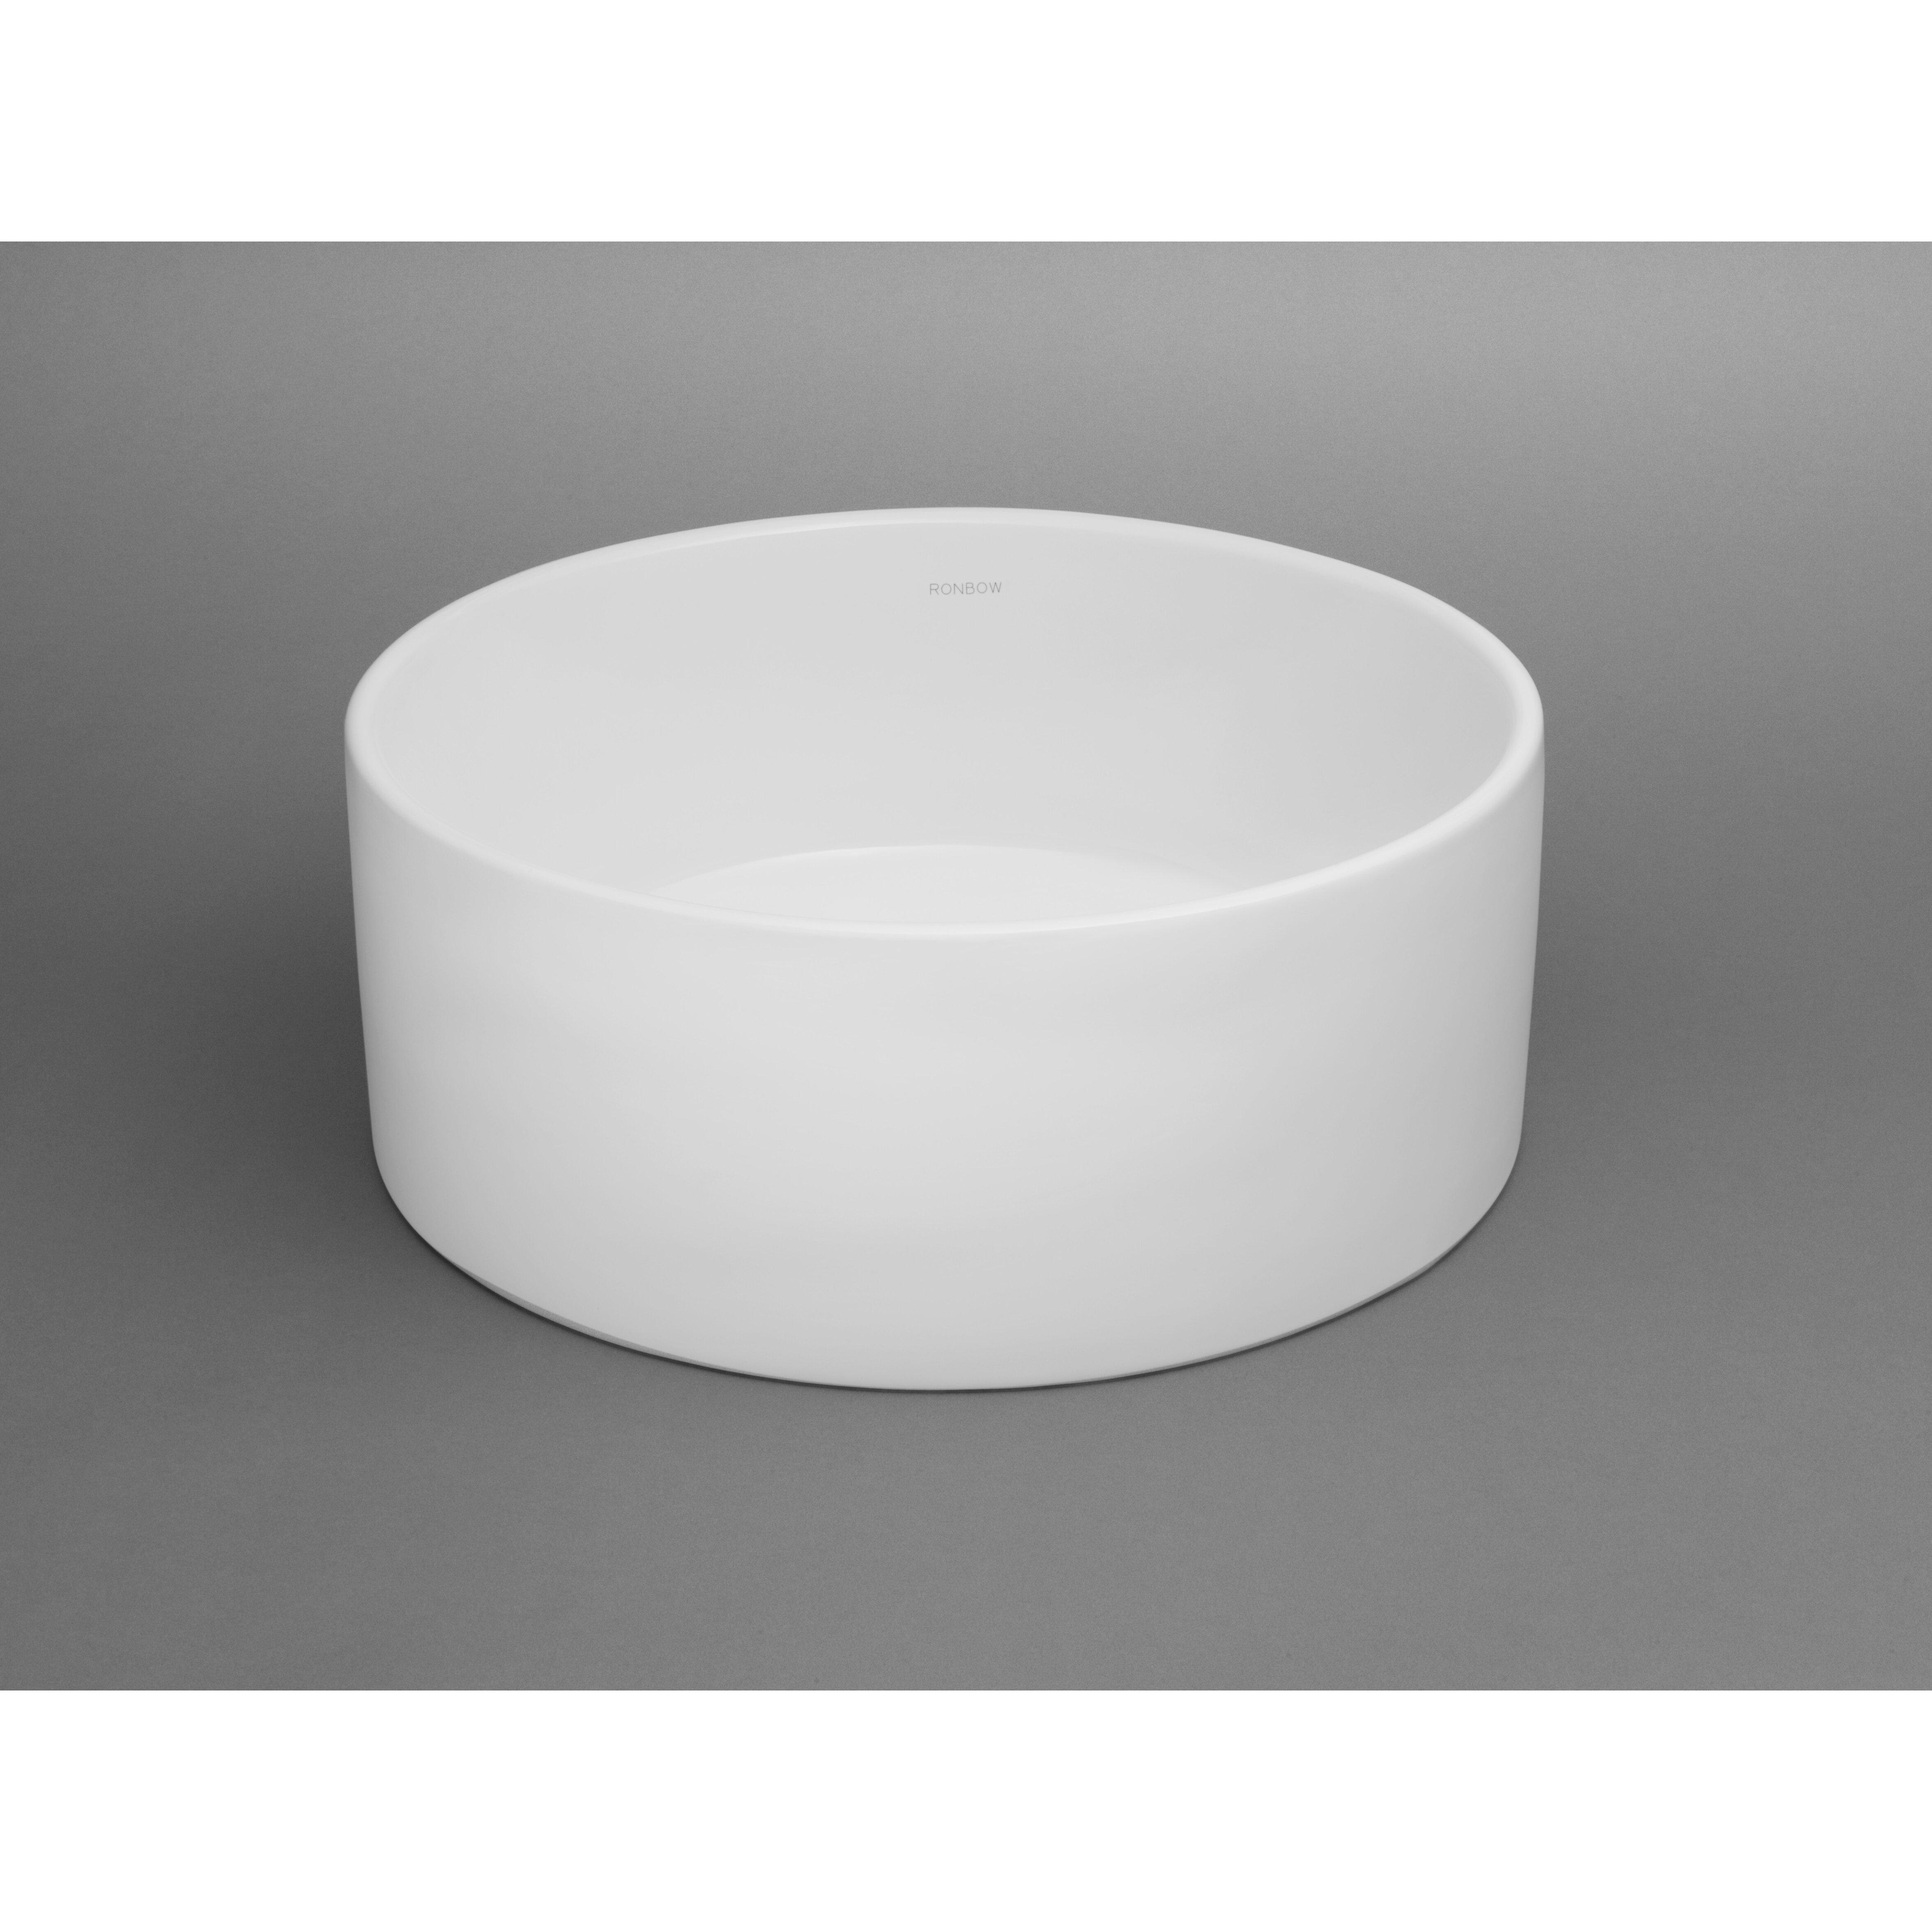 Ronbow Round Kitchen Sink